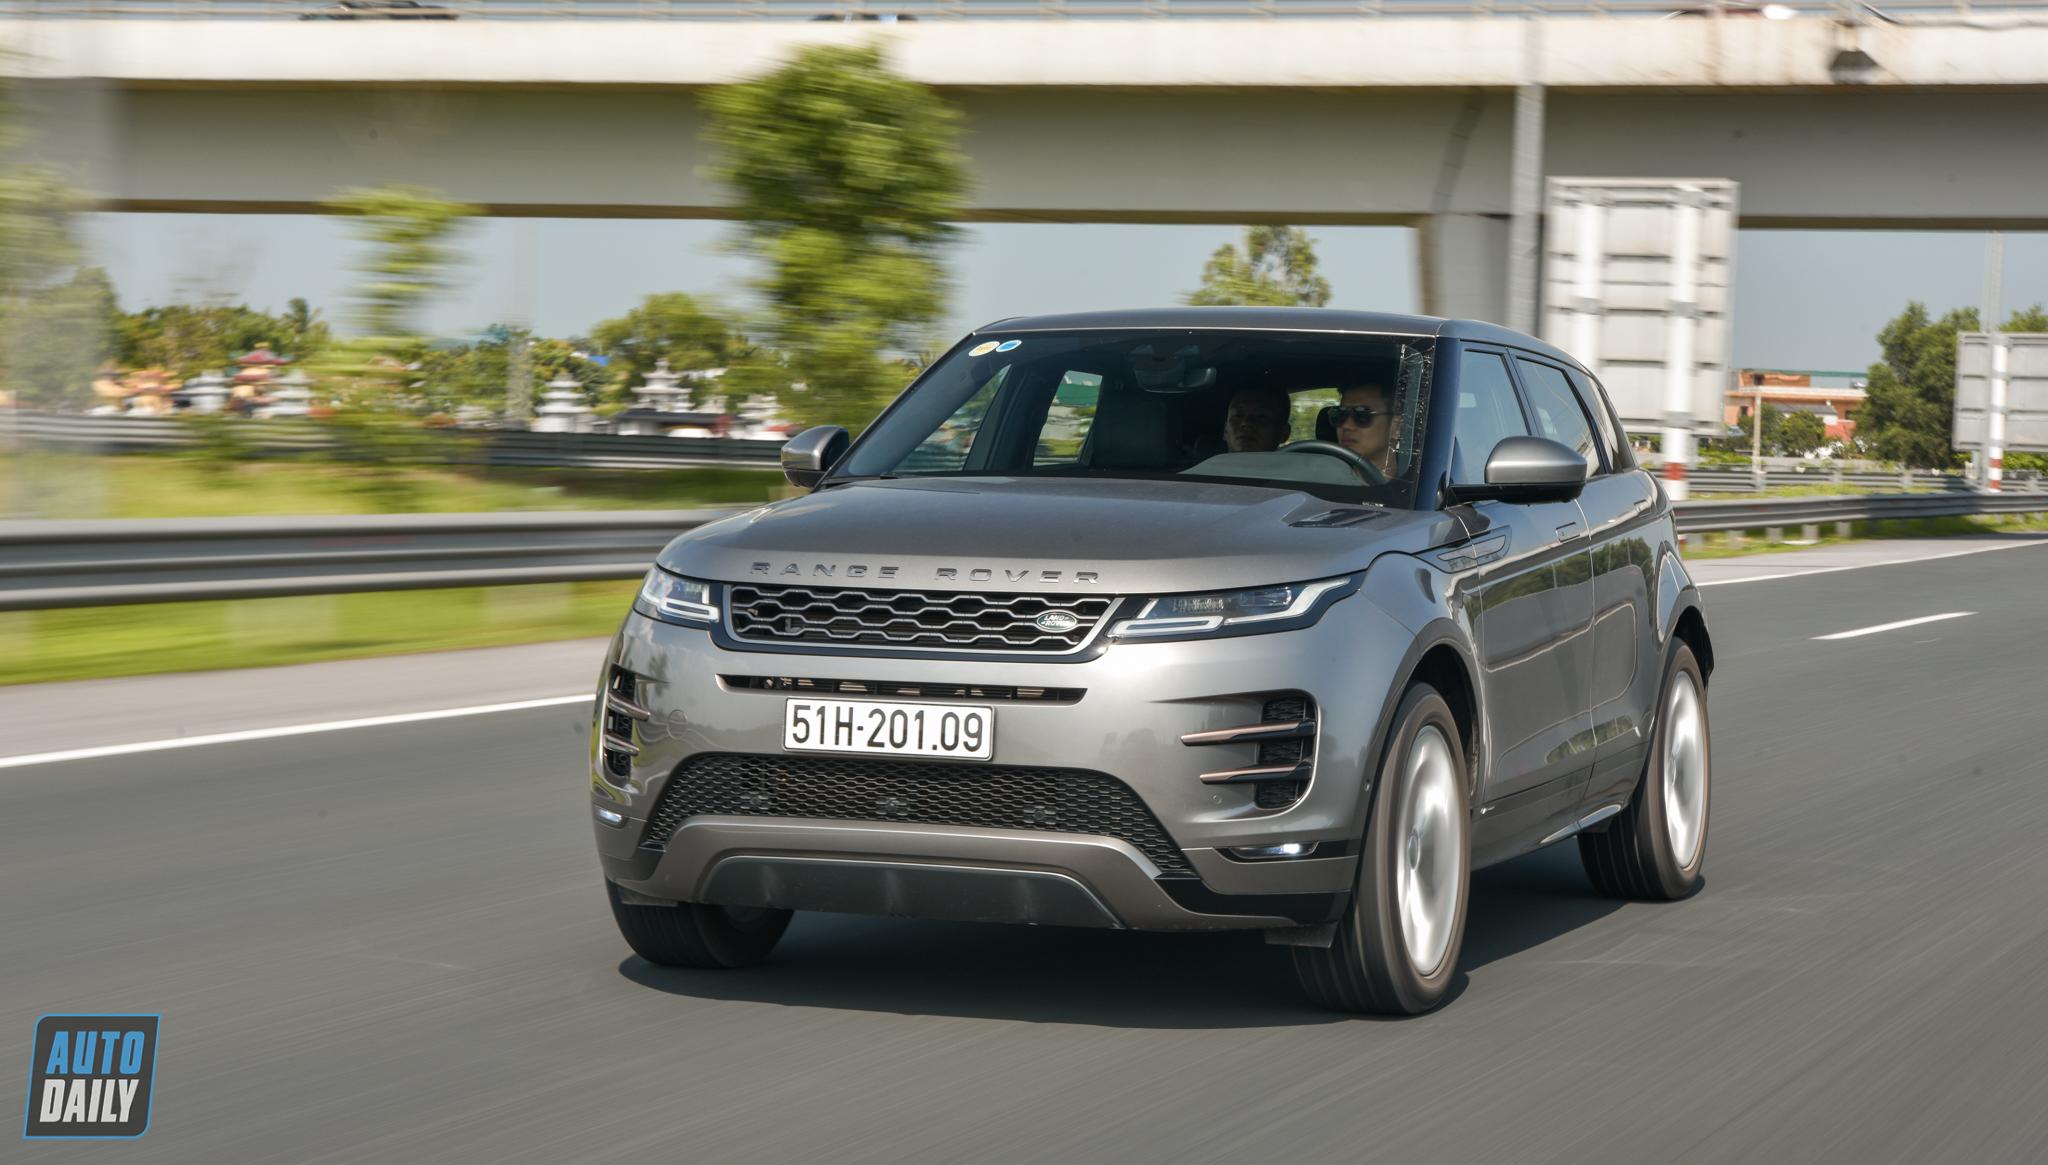 range-rover-evoque-2020-autodaily-37.jpg